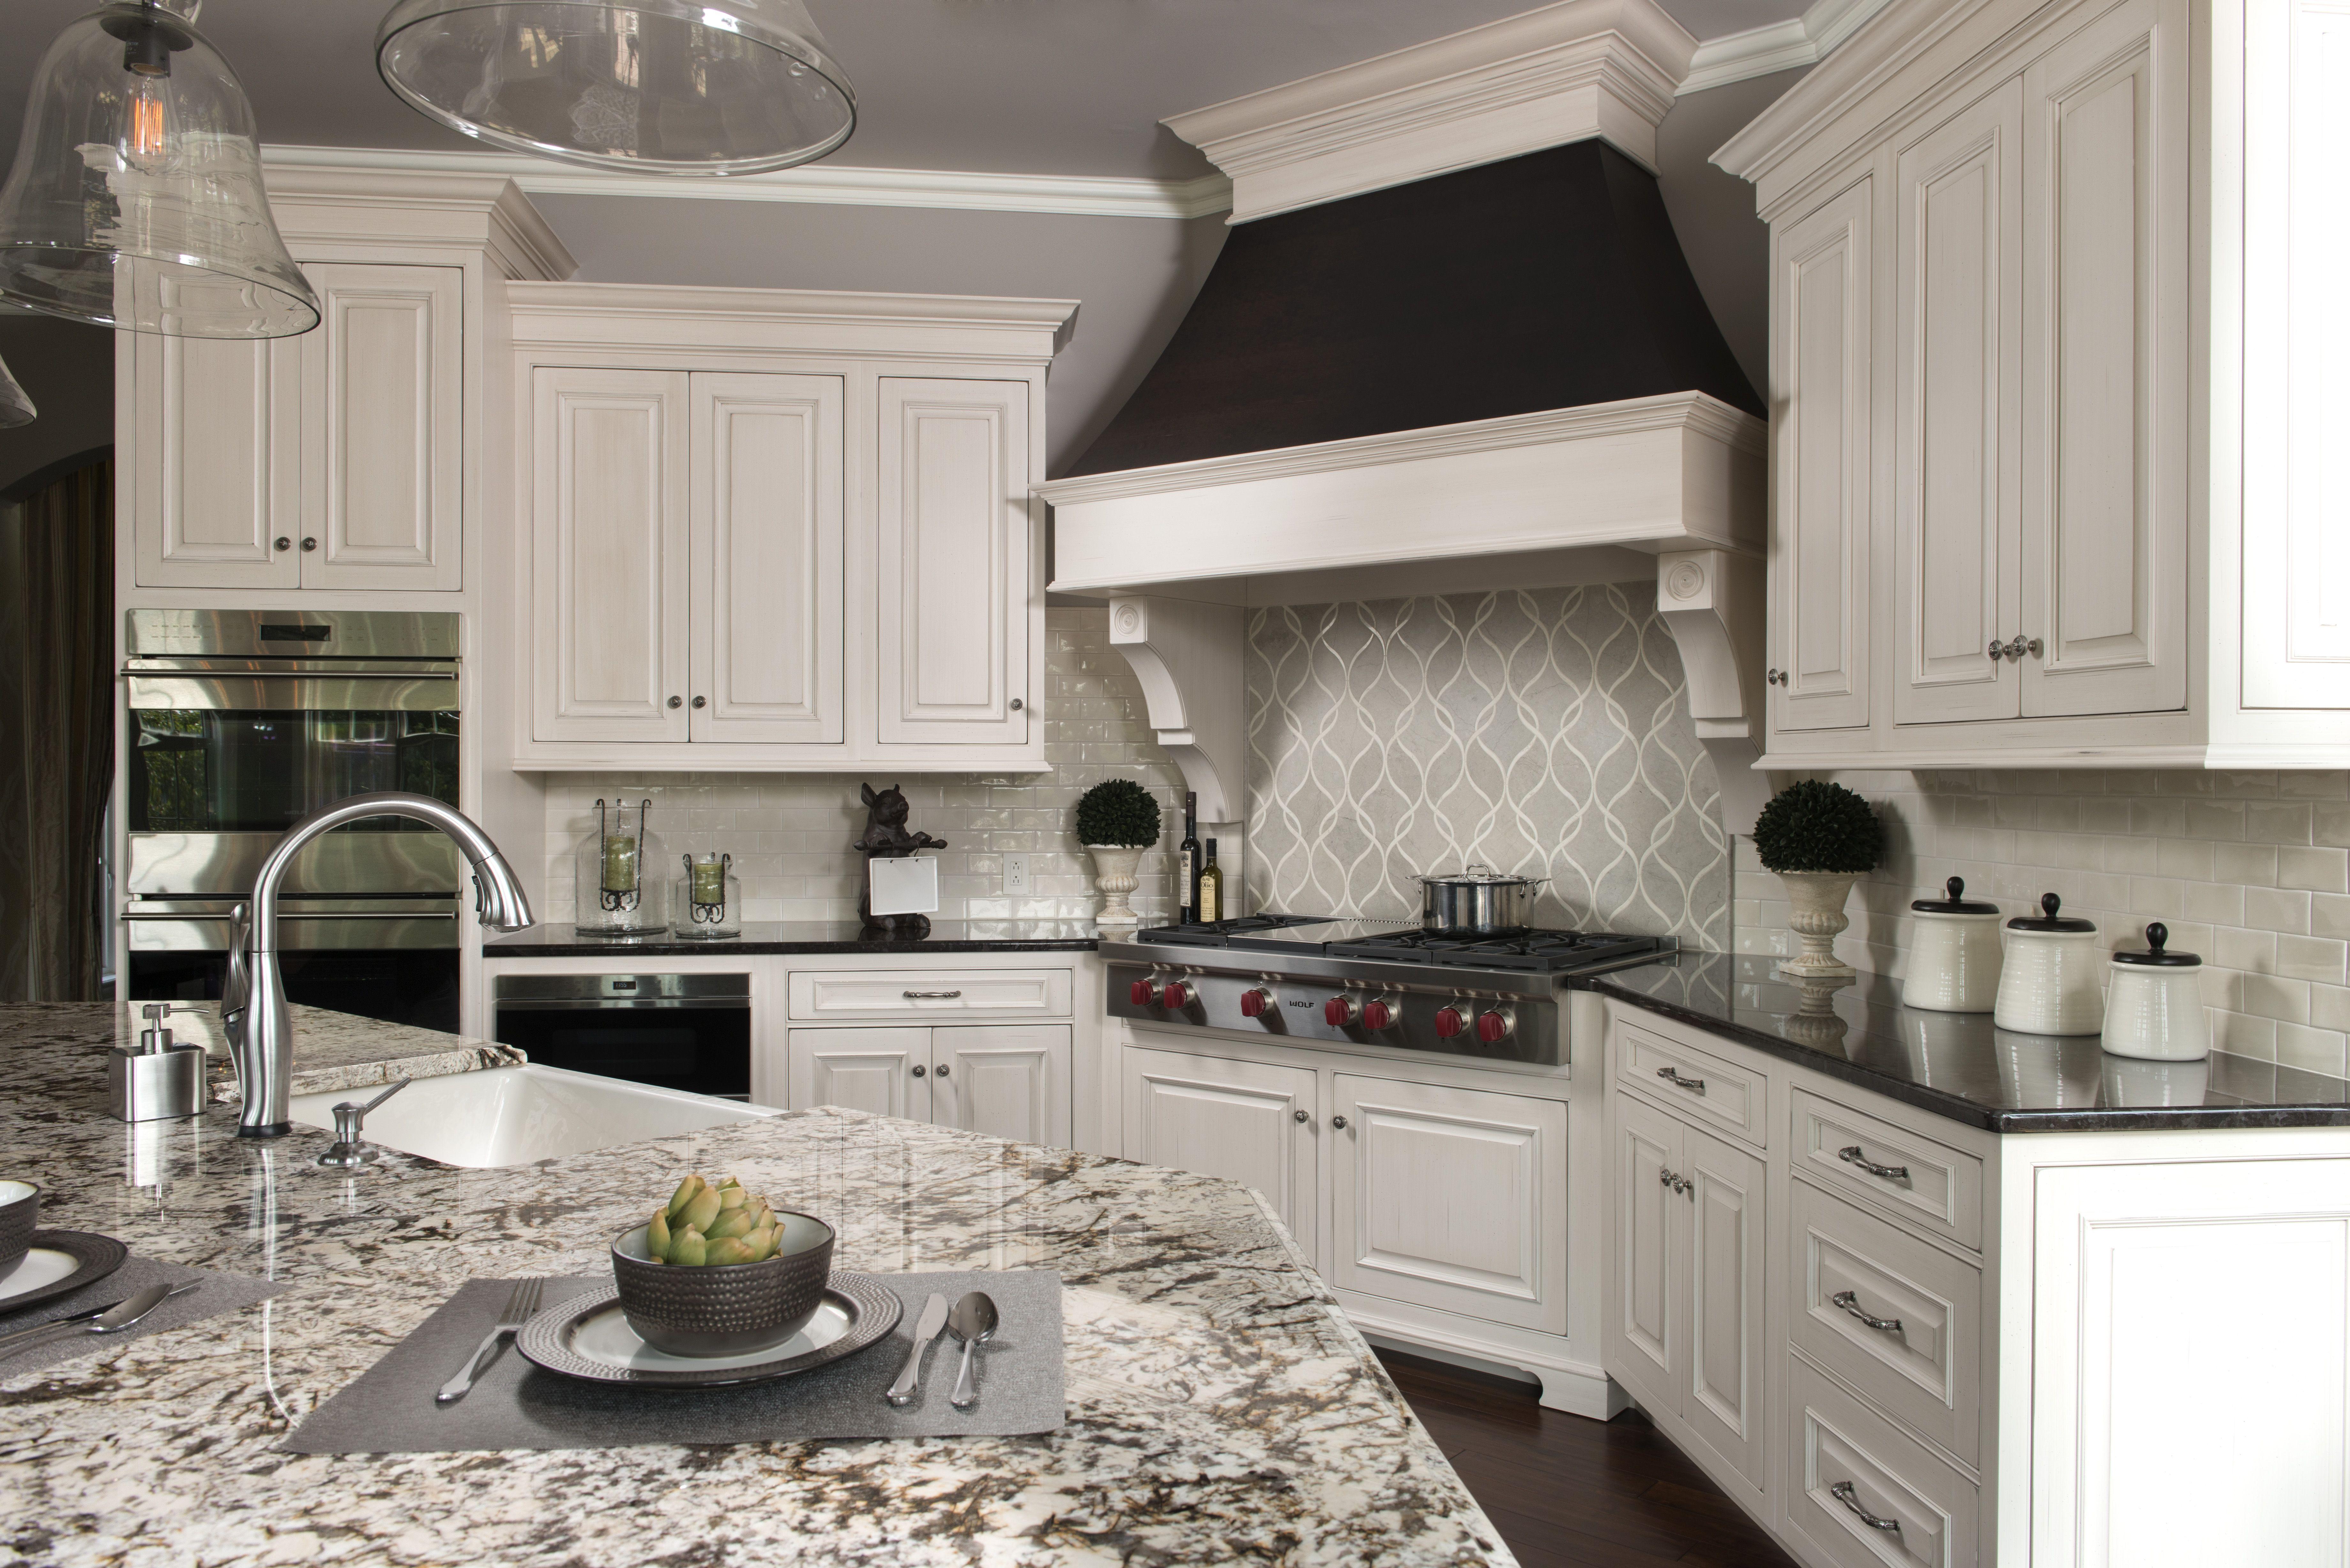 kitchens kitchens by eileen kitchen ideas bathroom design in rh pinterest com